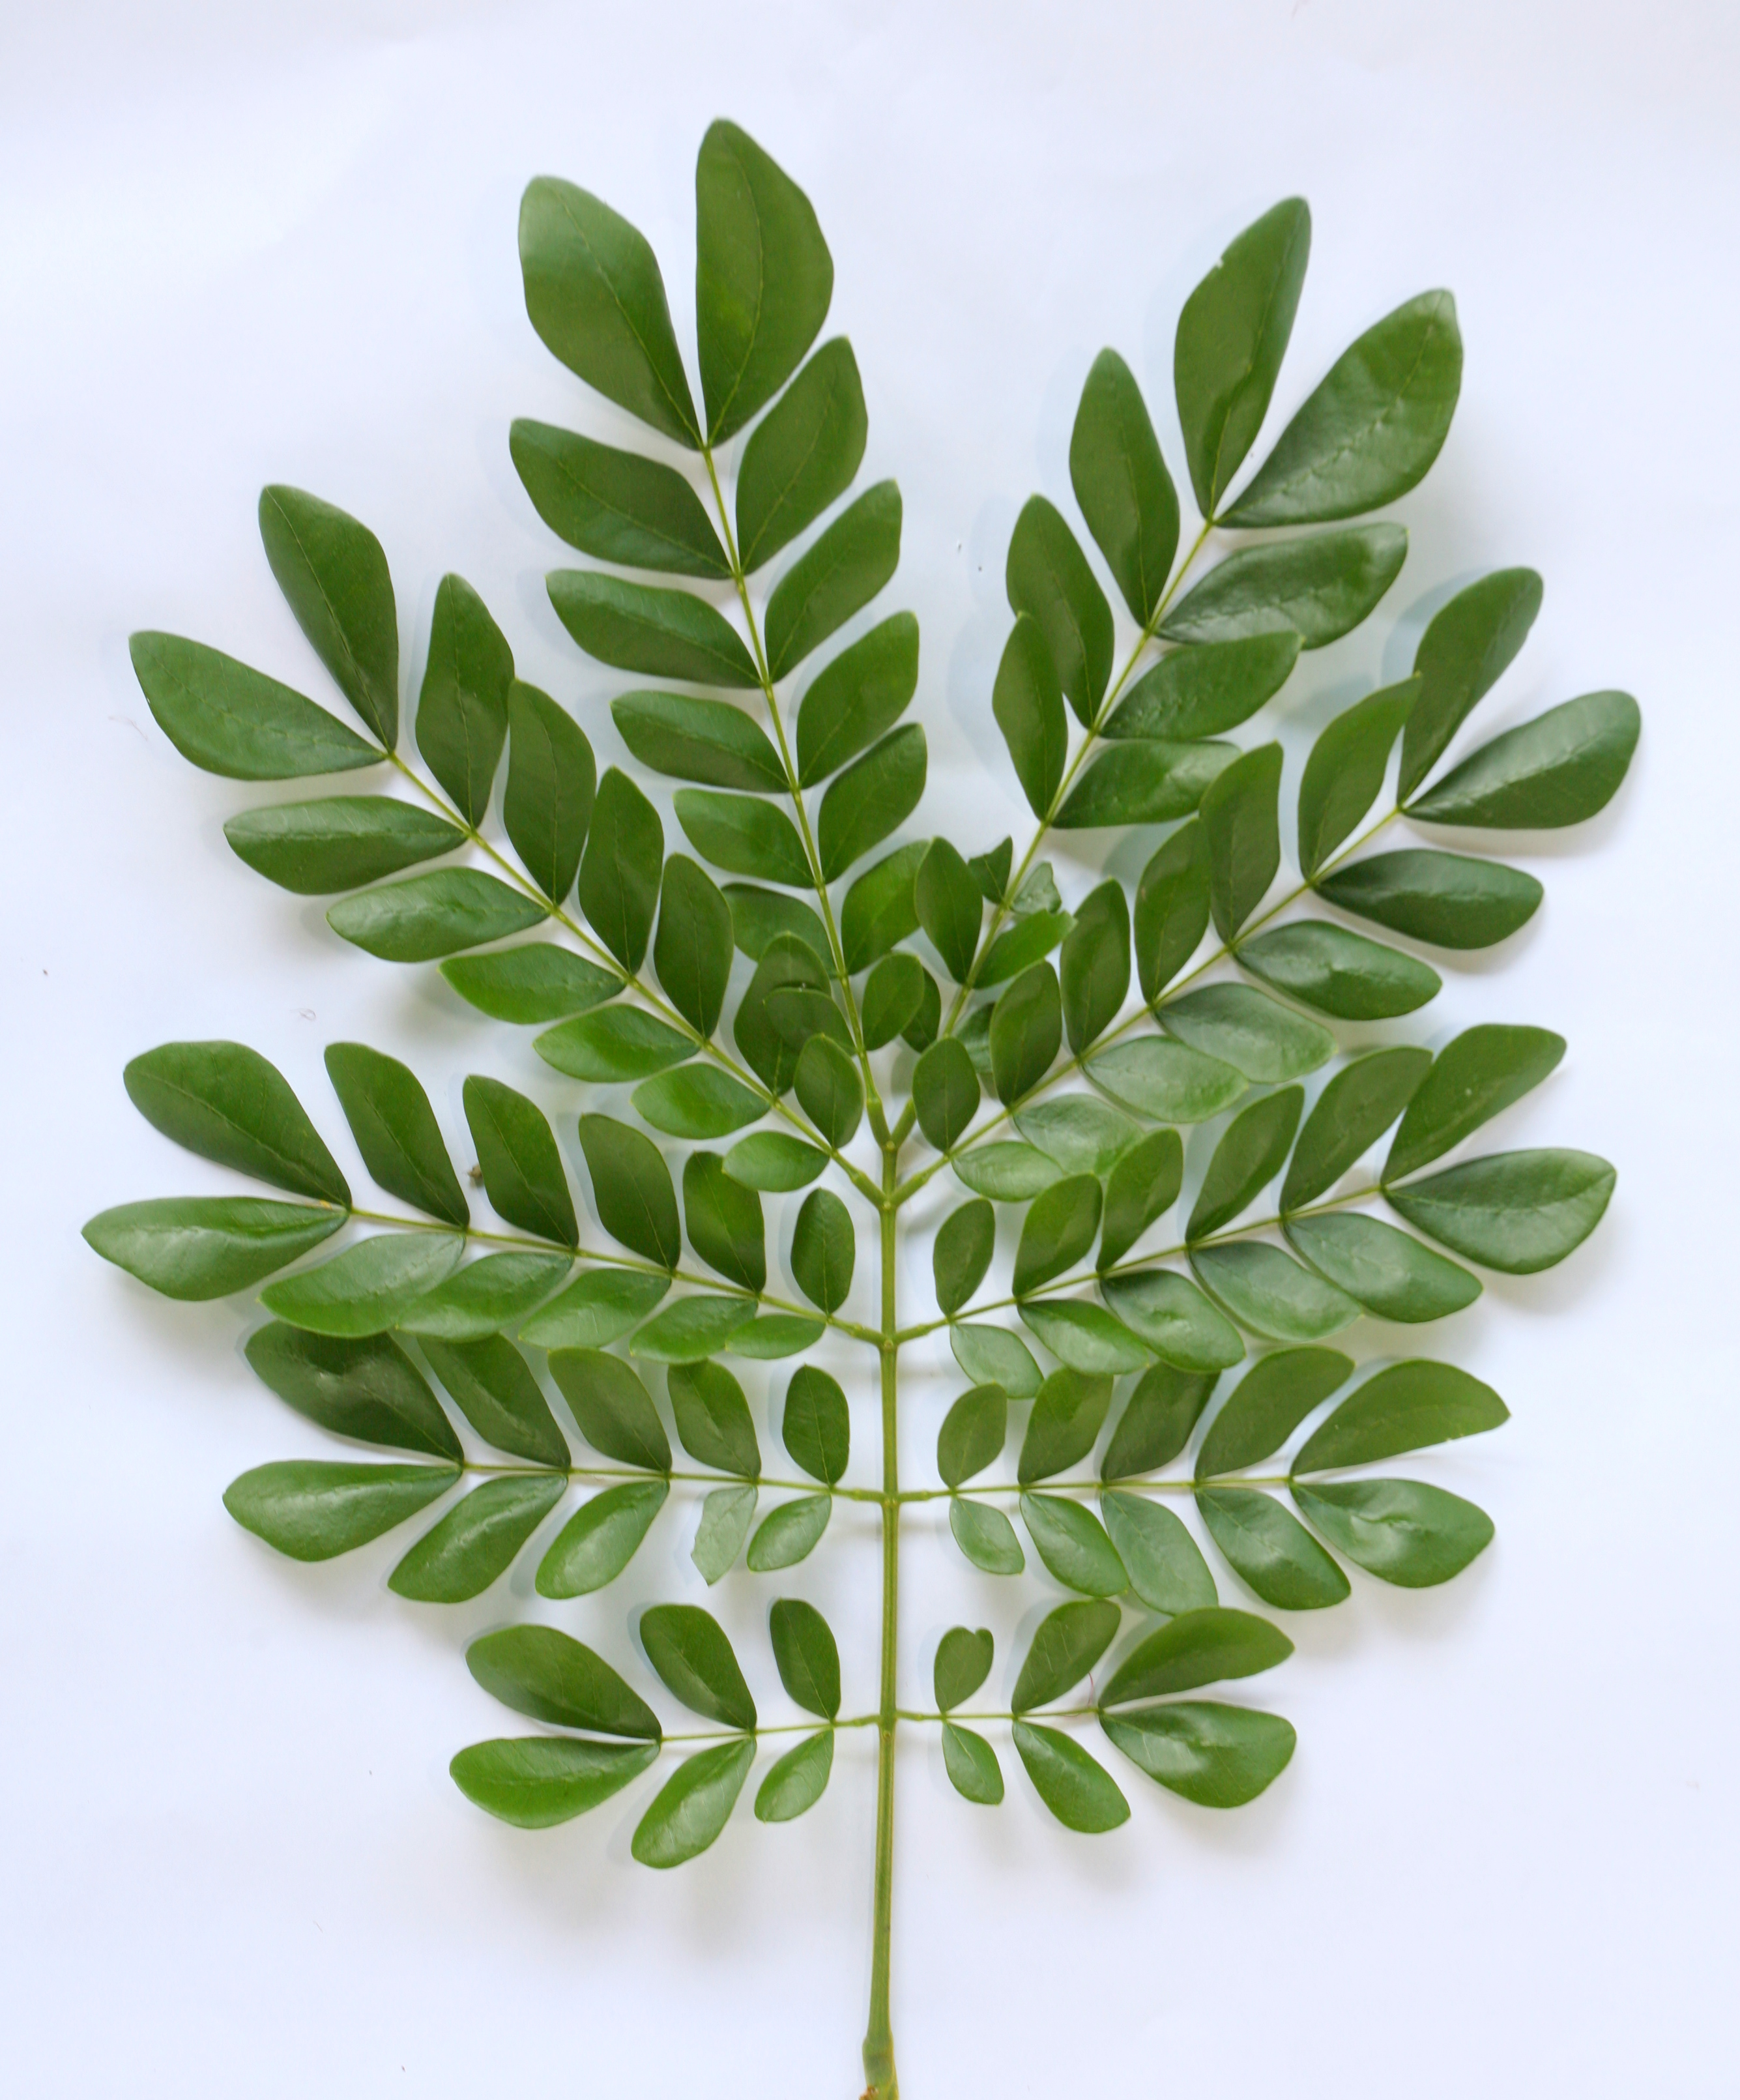 rain tree leaves